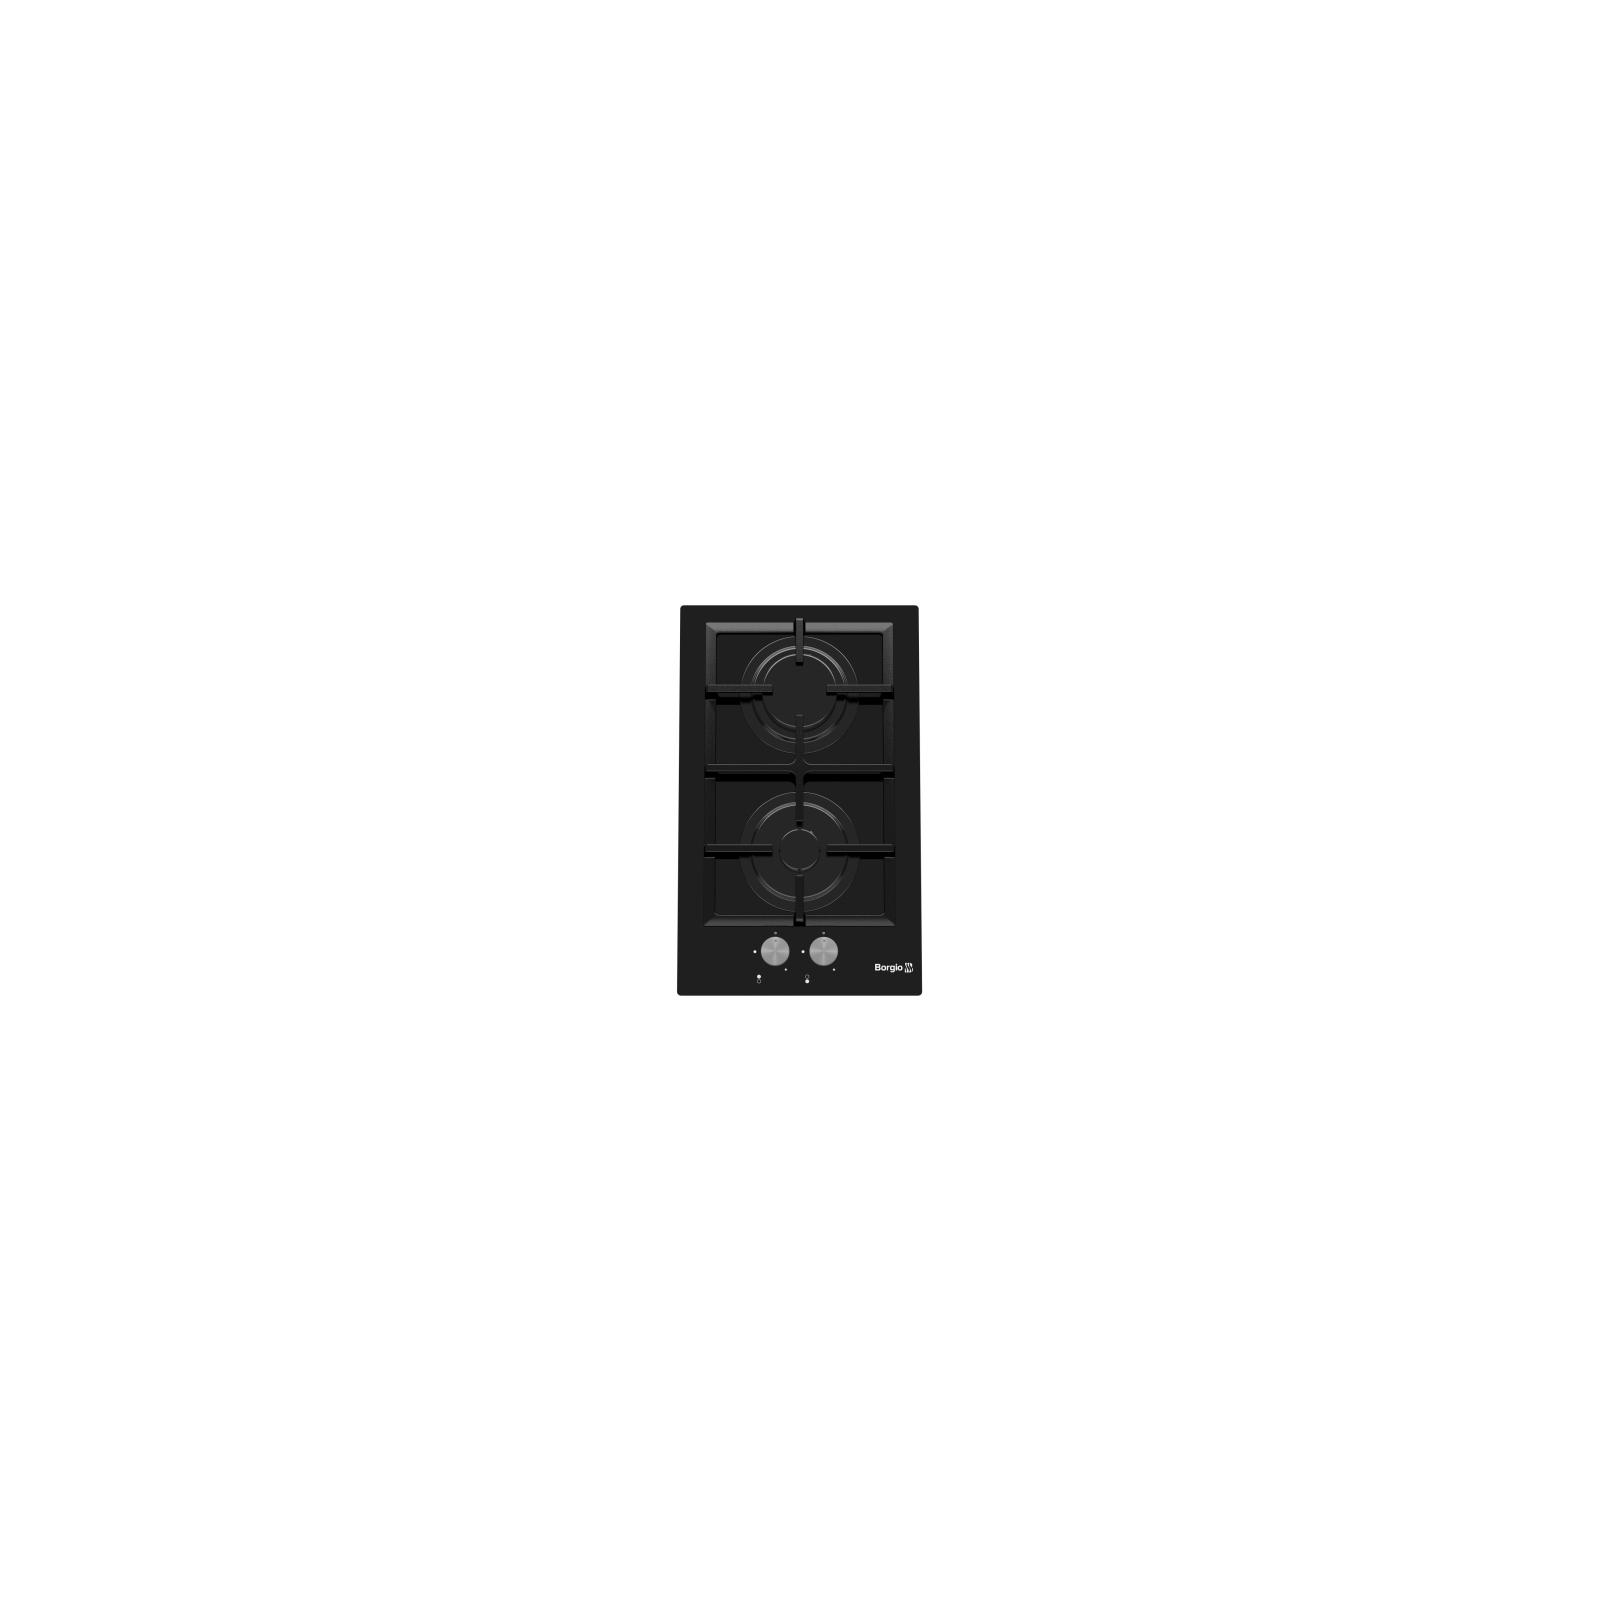 Варочная поверхность Borgio 3150/15 (Black Glass)